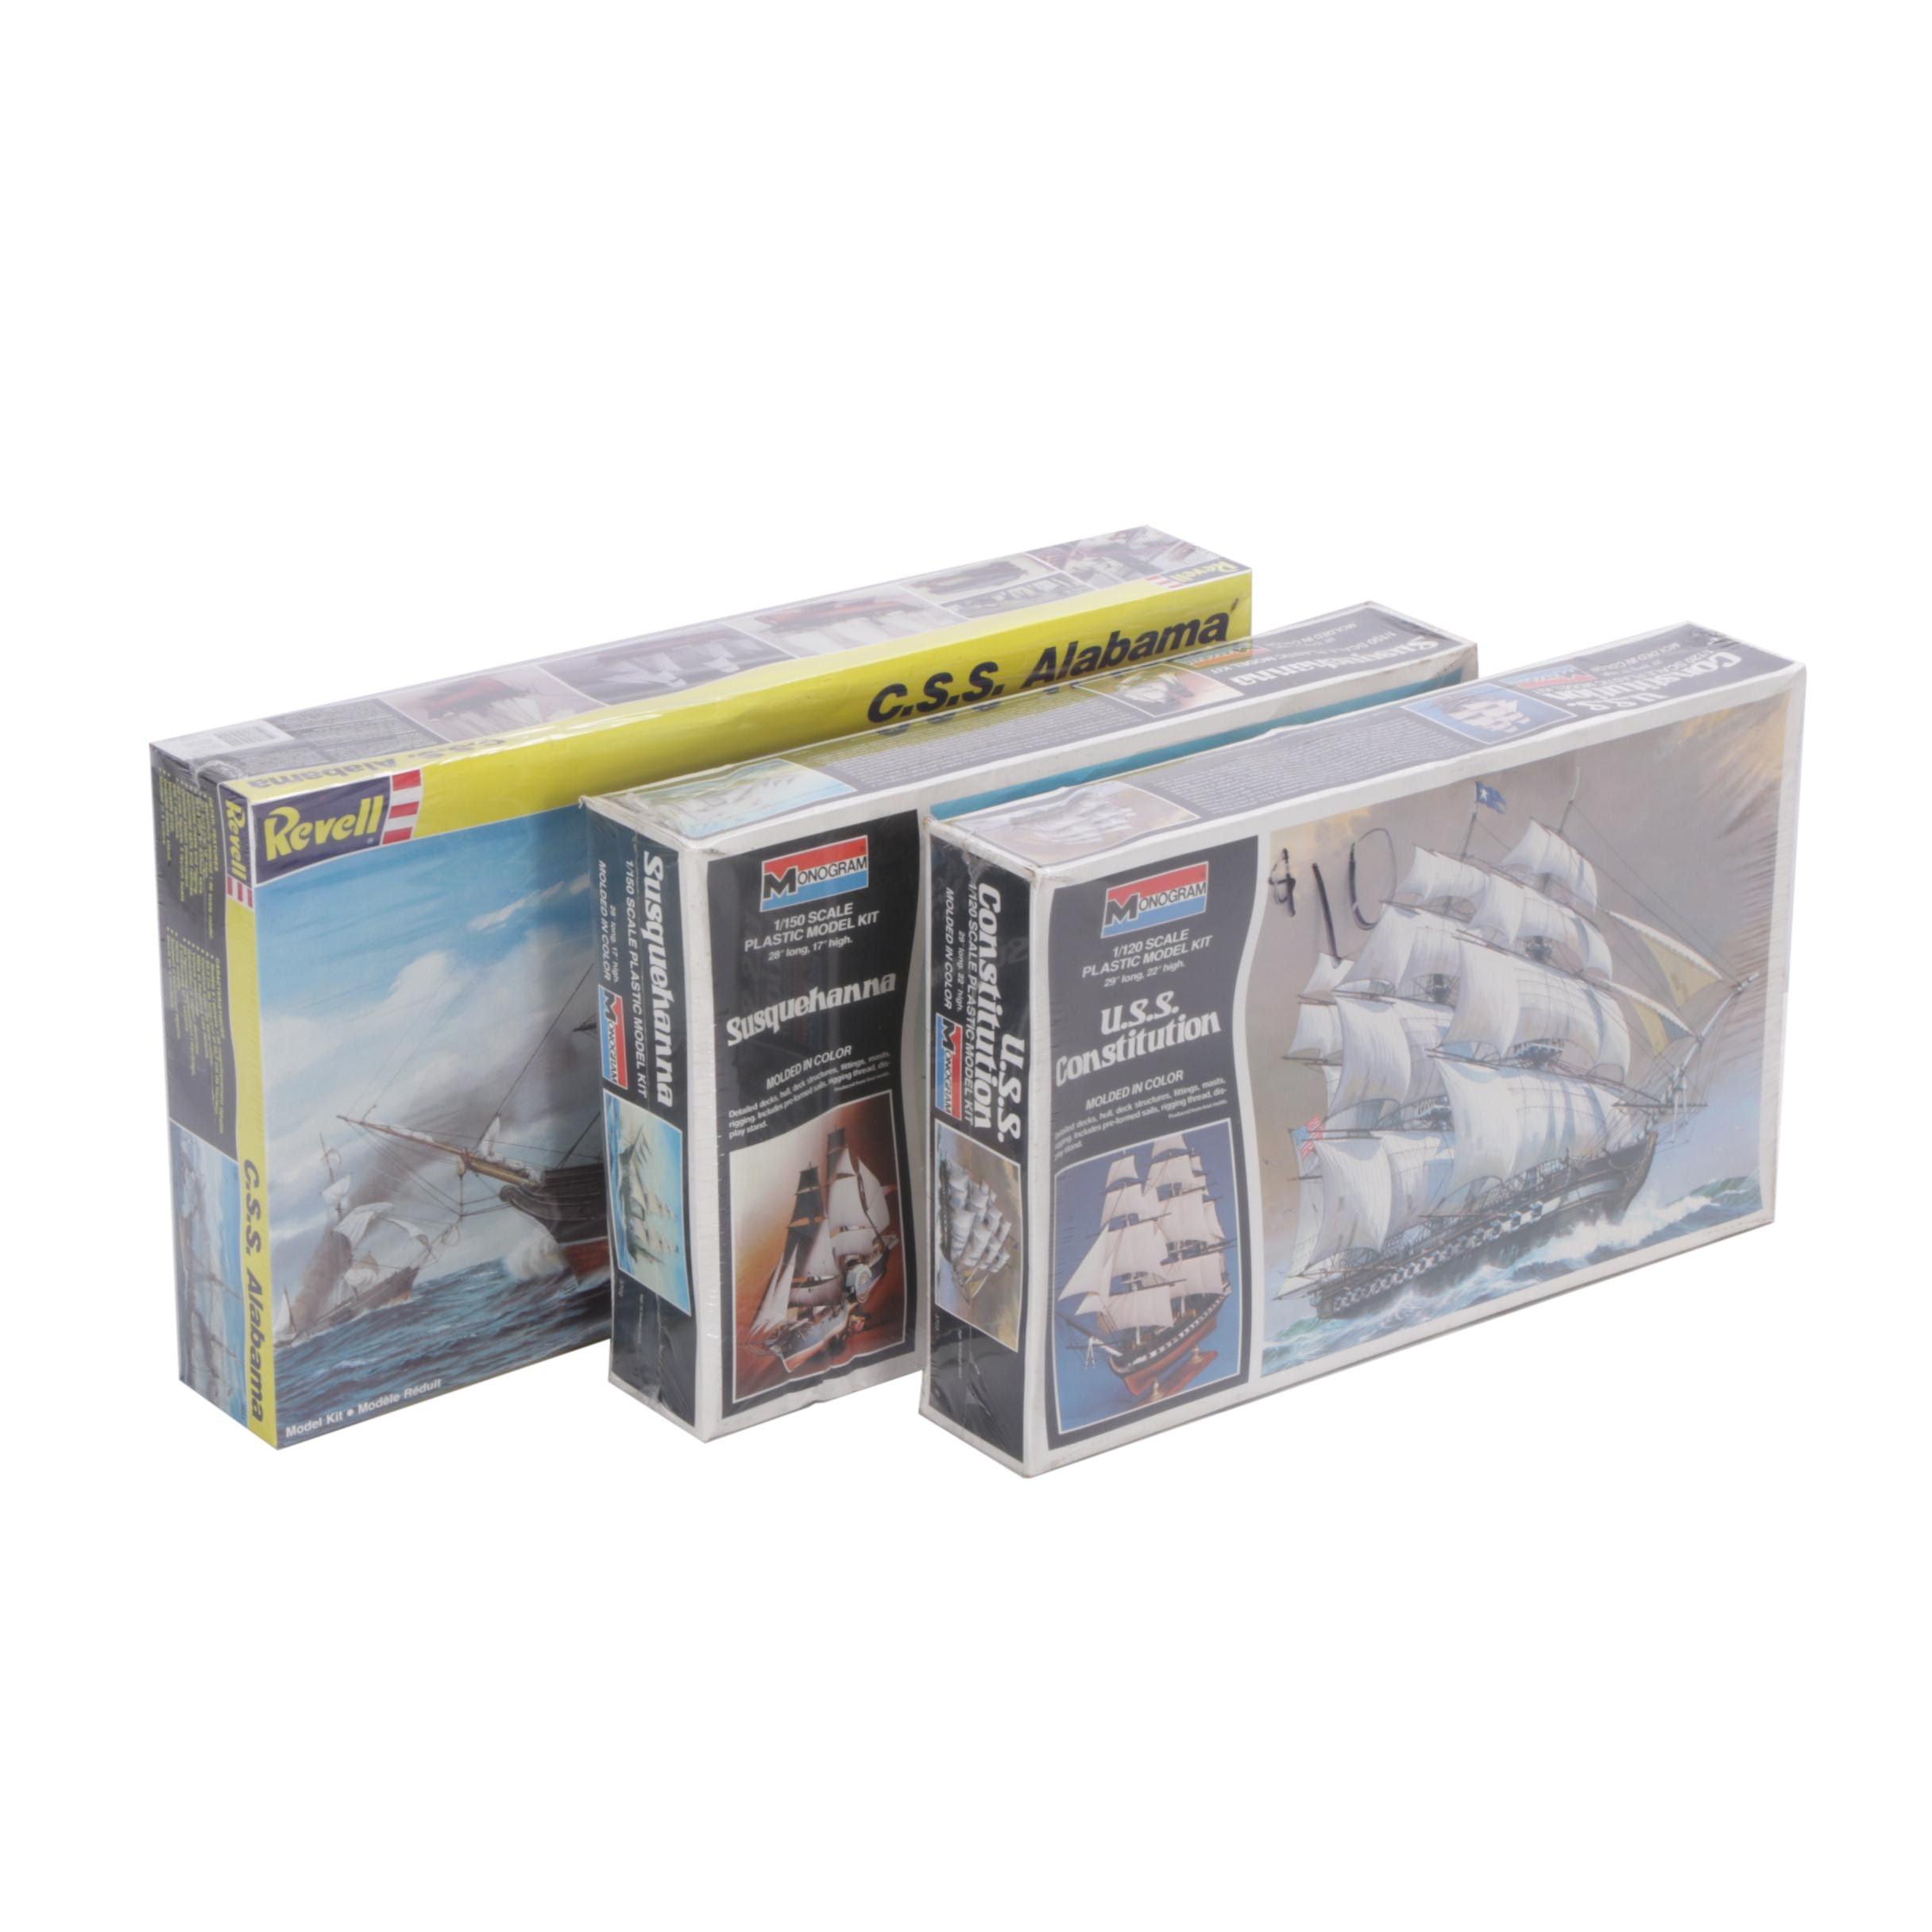 Monogram and Revell Maritime Model Kits